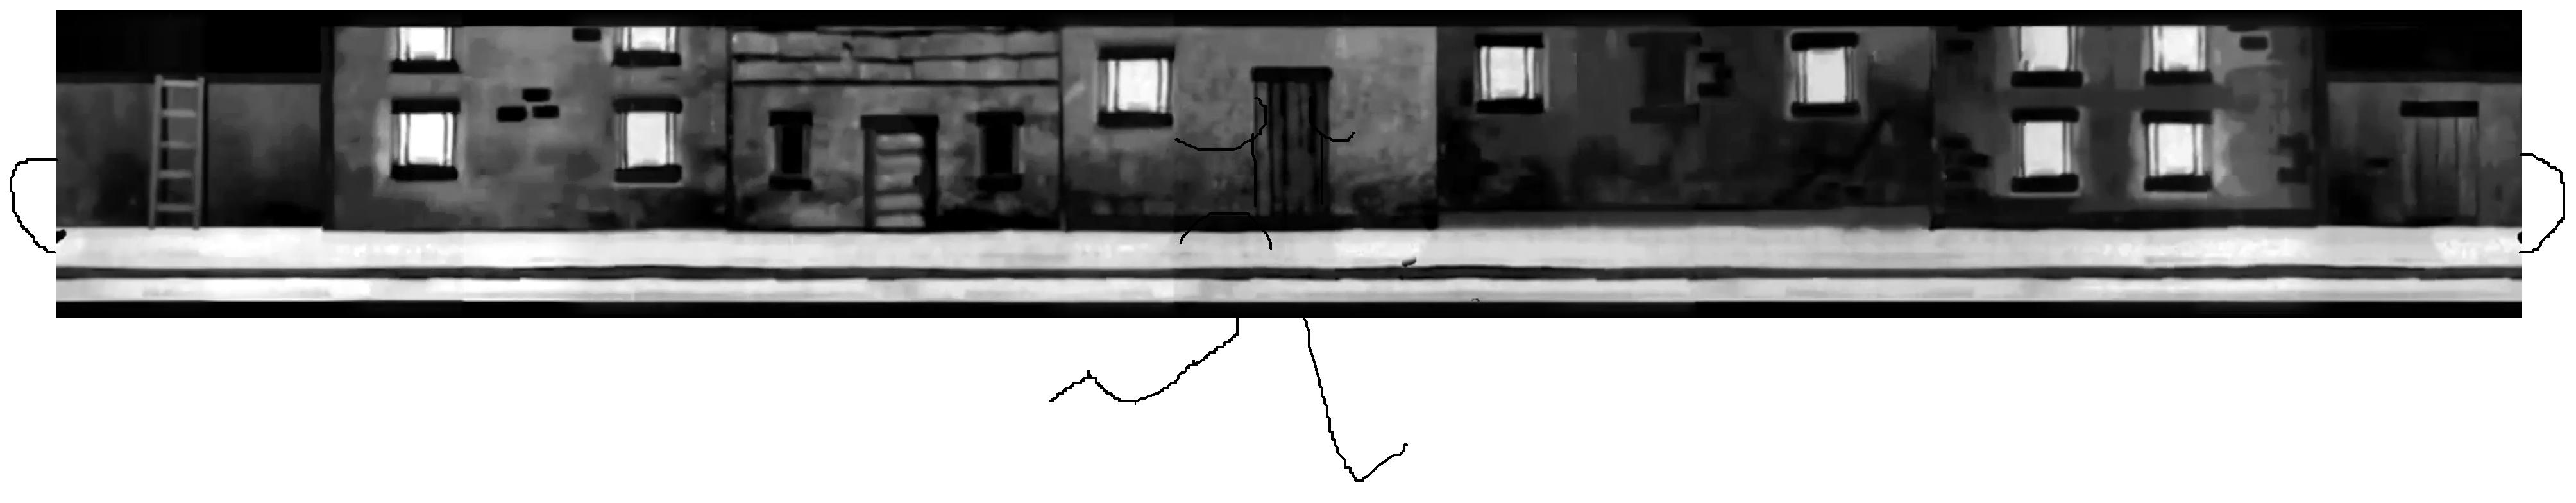 Suicidemouse.avi Background Loop